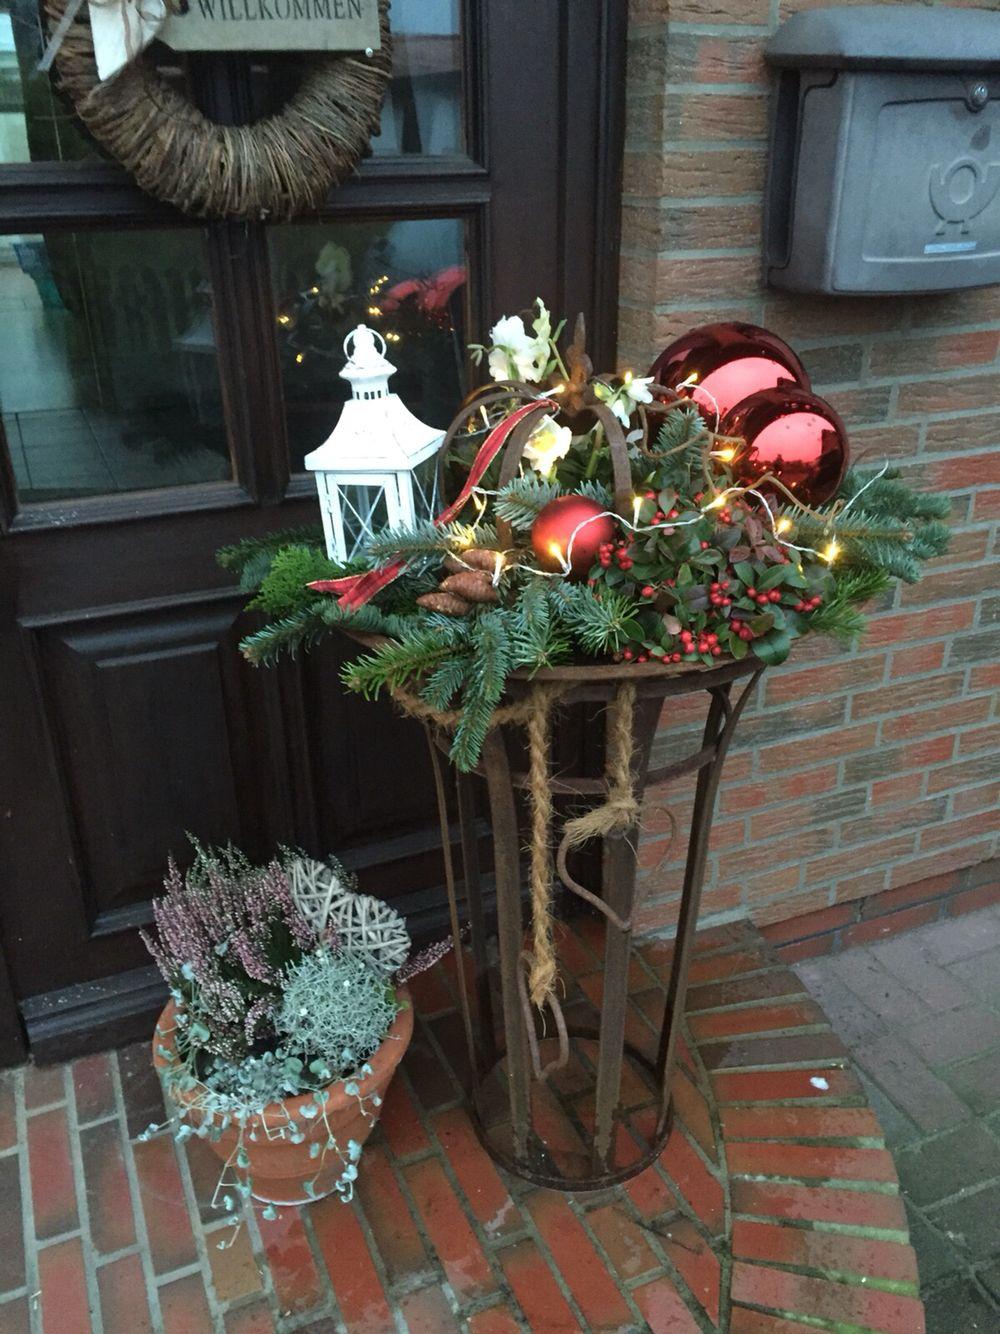 Xmas Deko Schale Rostig Weihnachtsdekoration